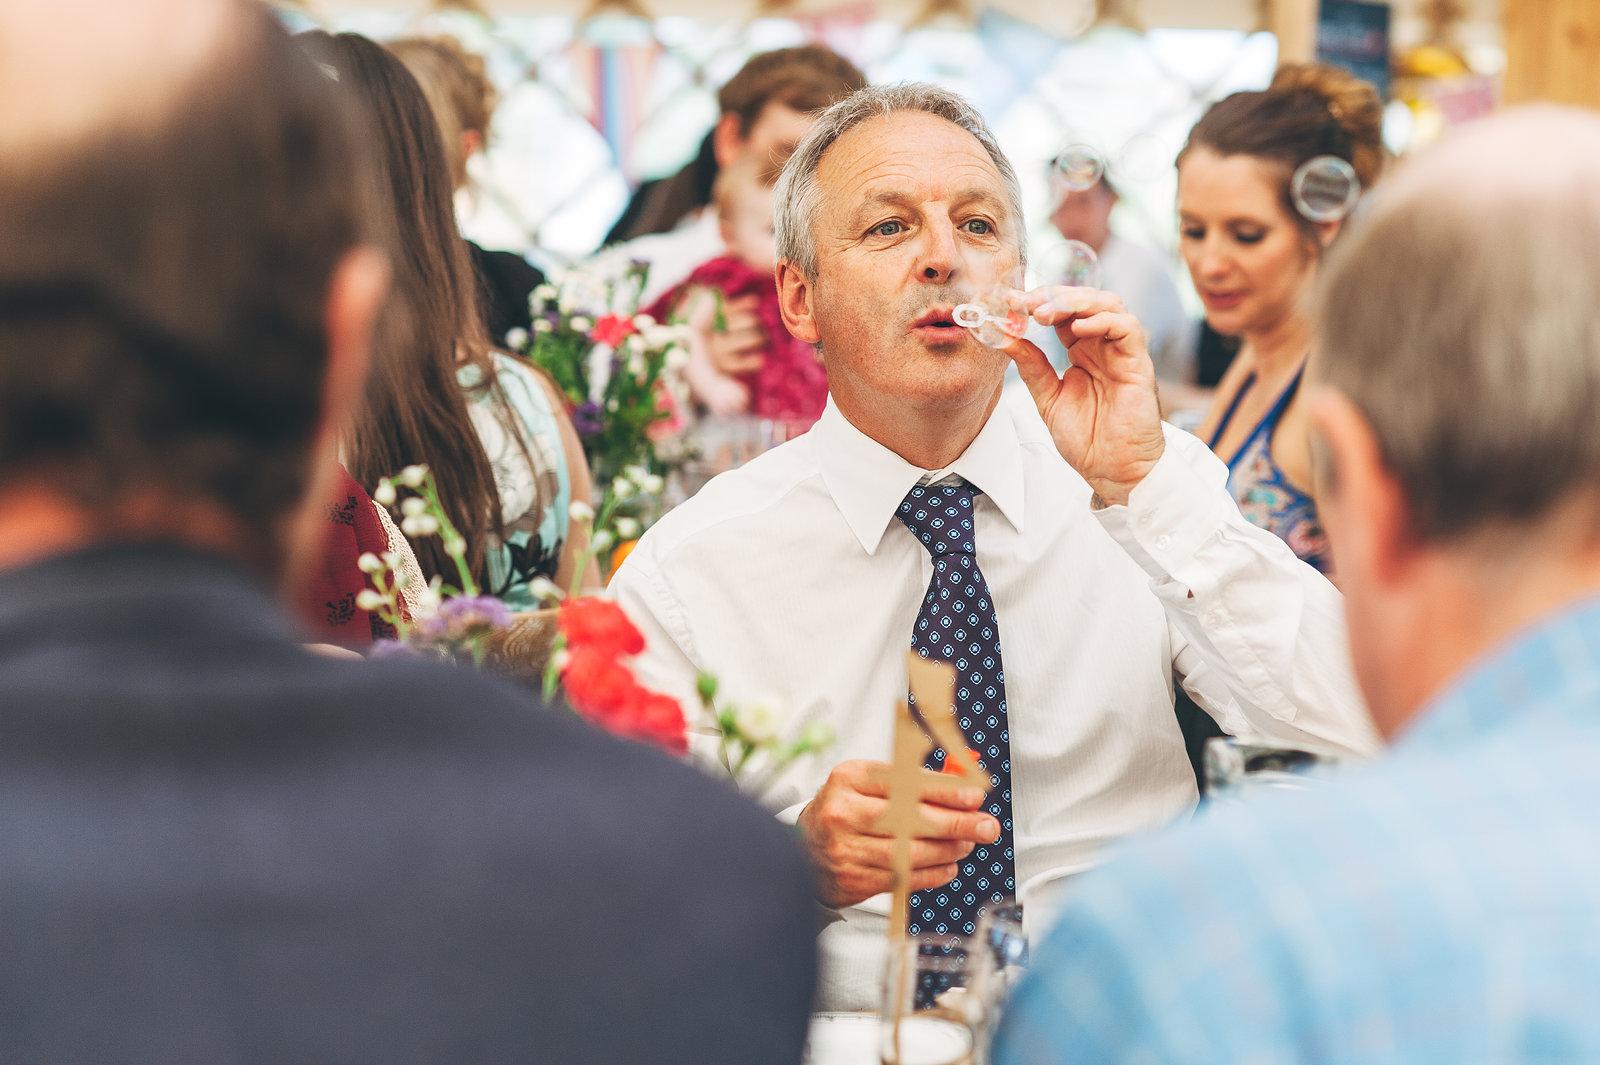 Natalie & Rick's wedding, August 2015